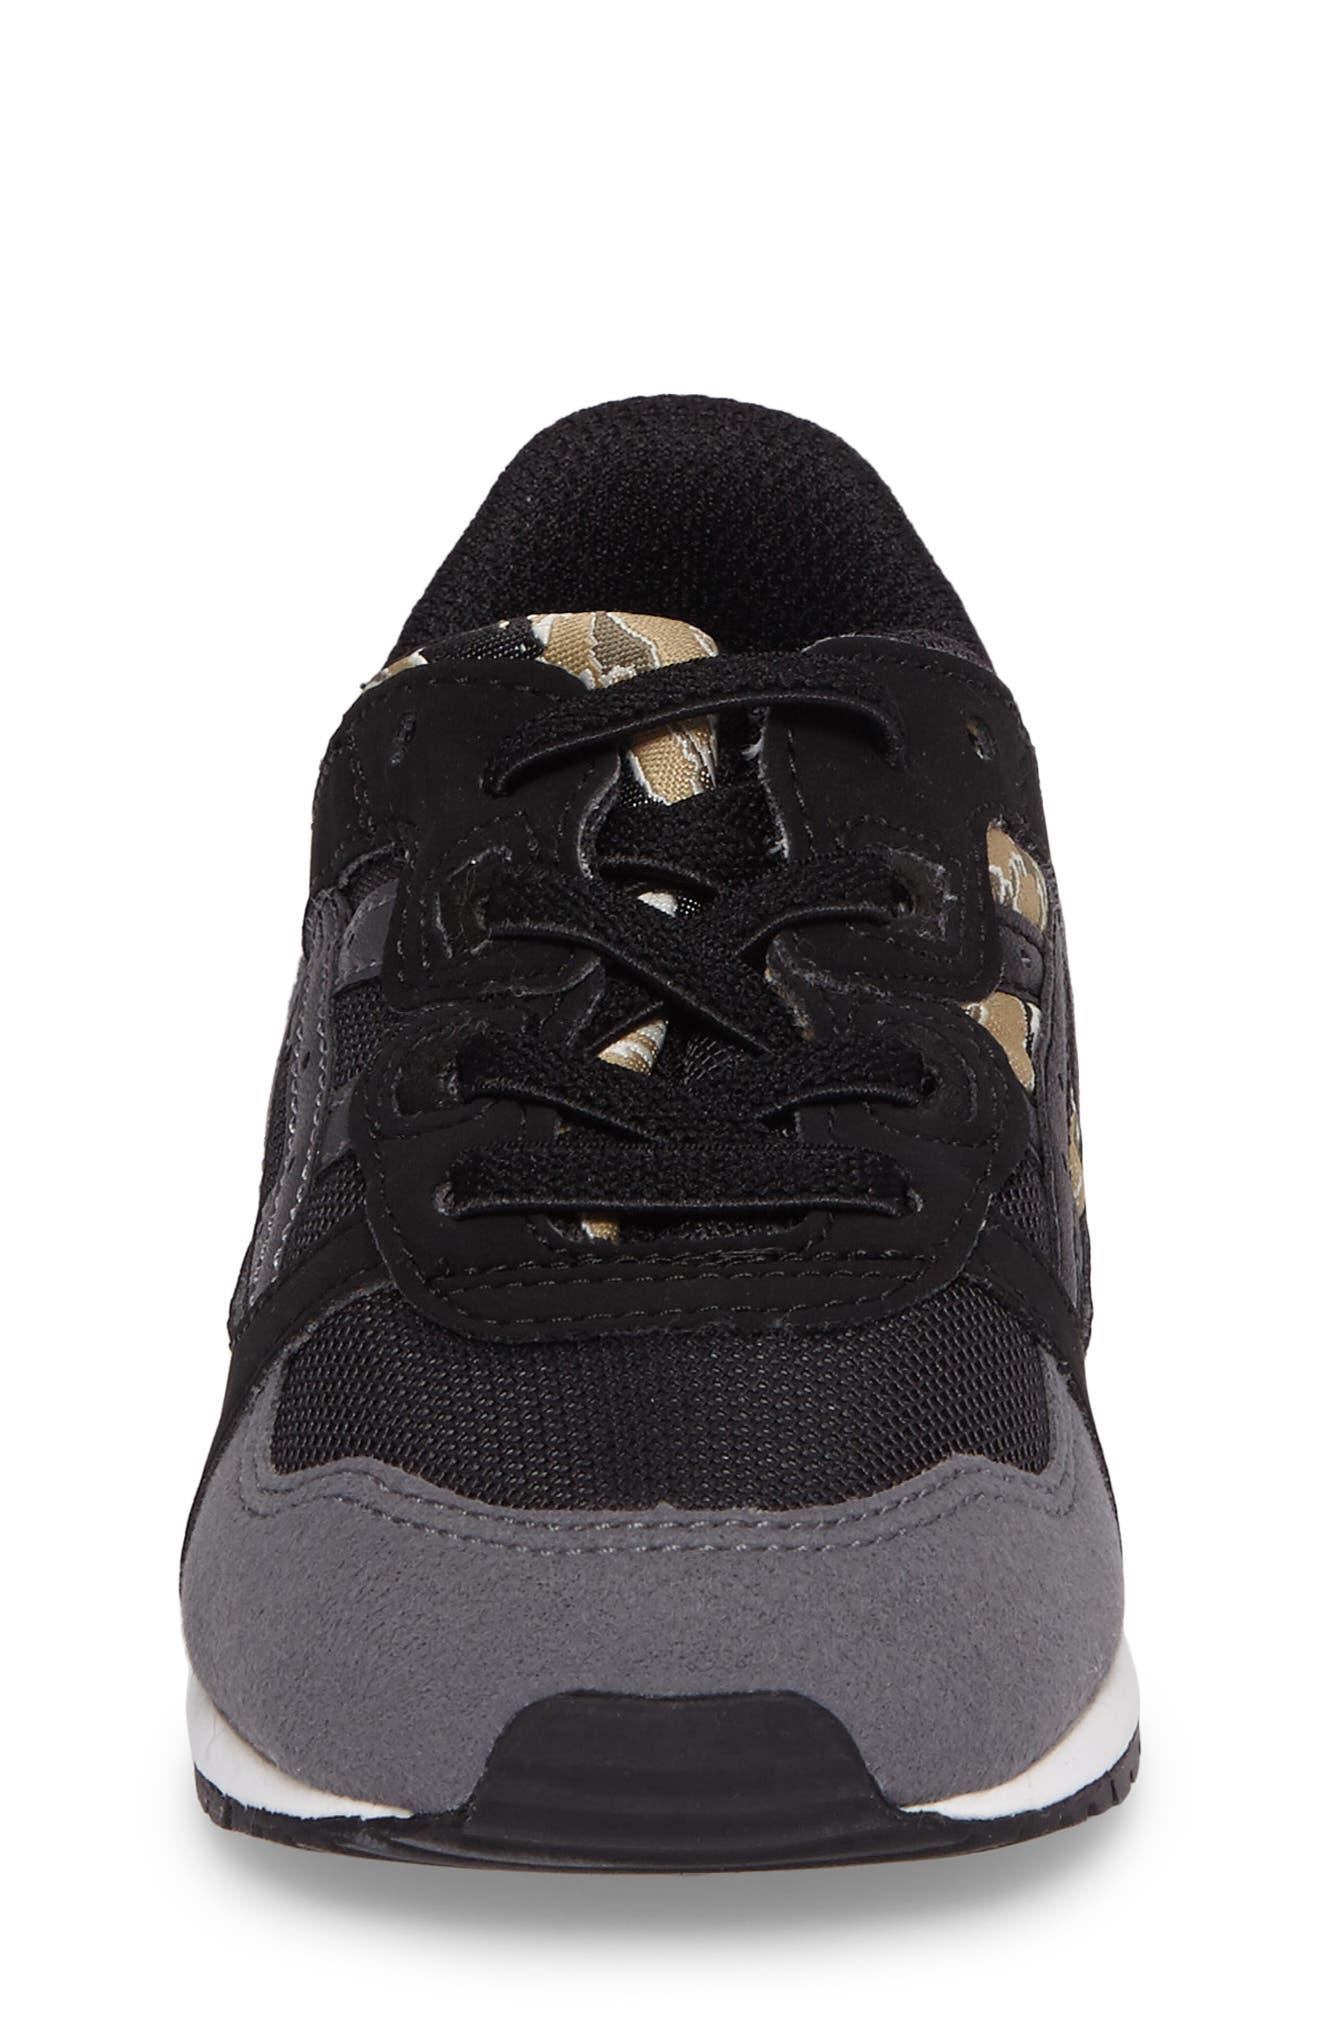 Alternate Image 4  - ASICS® GEL-LYTE® III TS Slip-On Sneaker (Baby, Walker & Toddler)